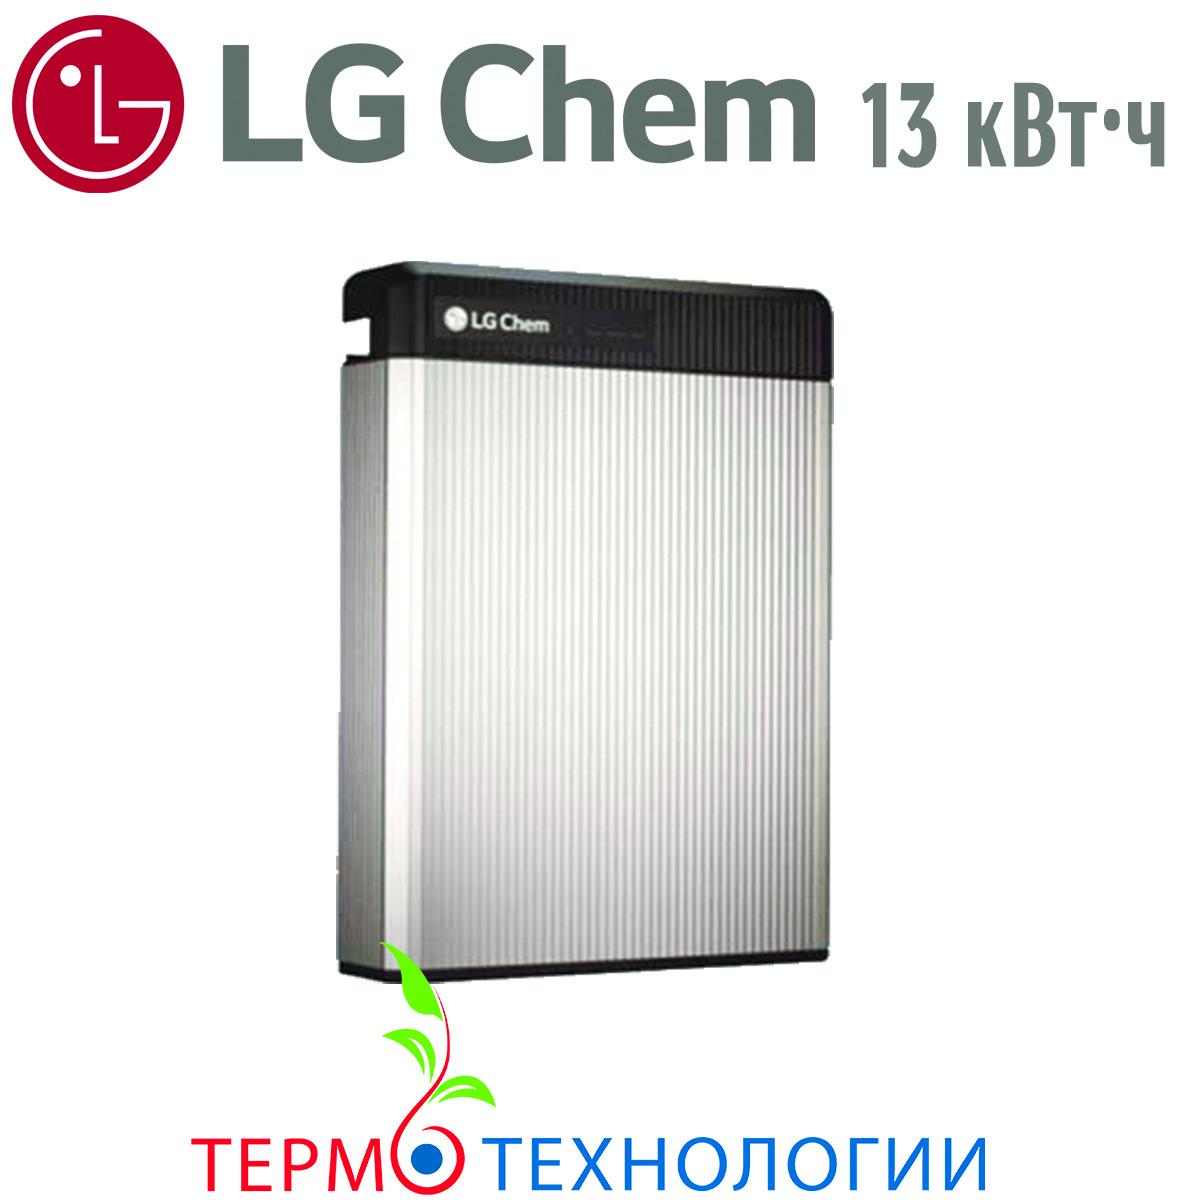 Литий-ионные аккумуляторы низкого напряжения LG Chem RESU 13 кВт*ч